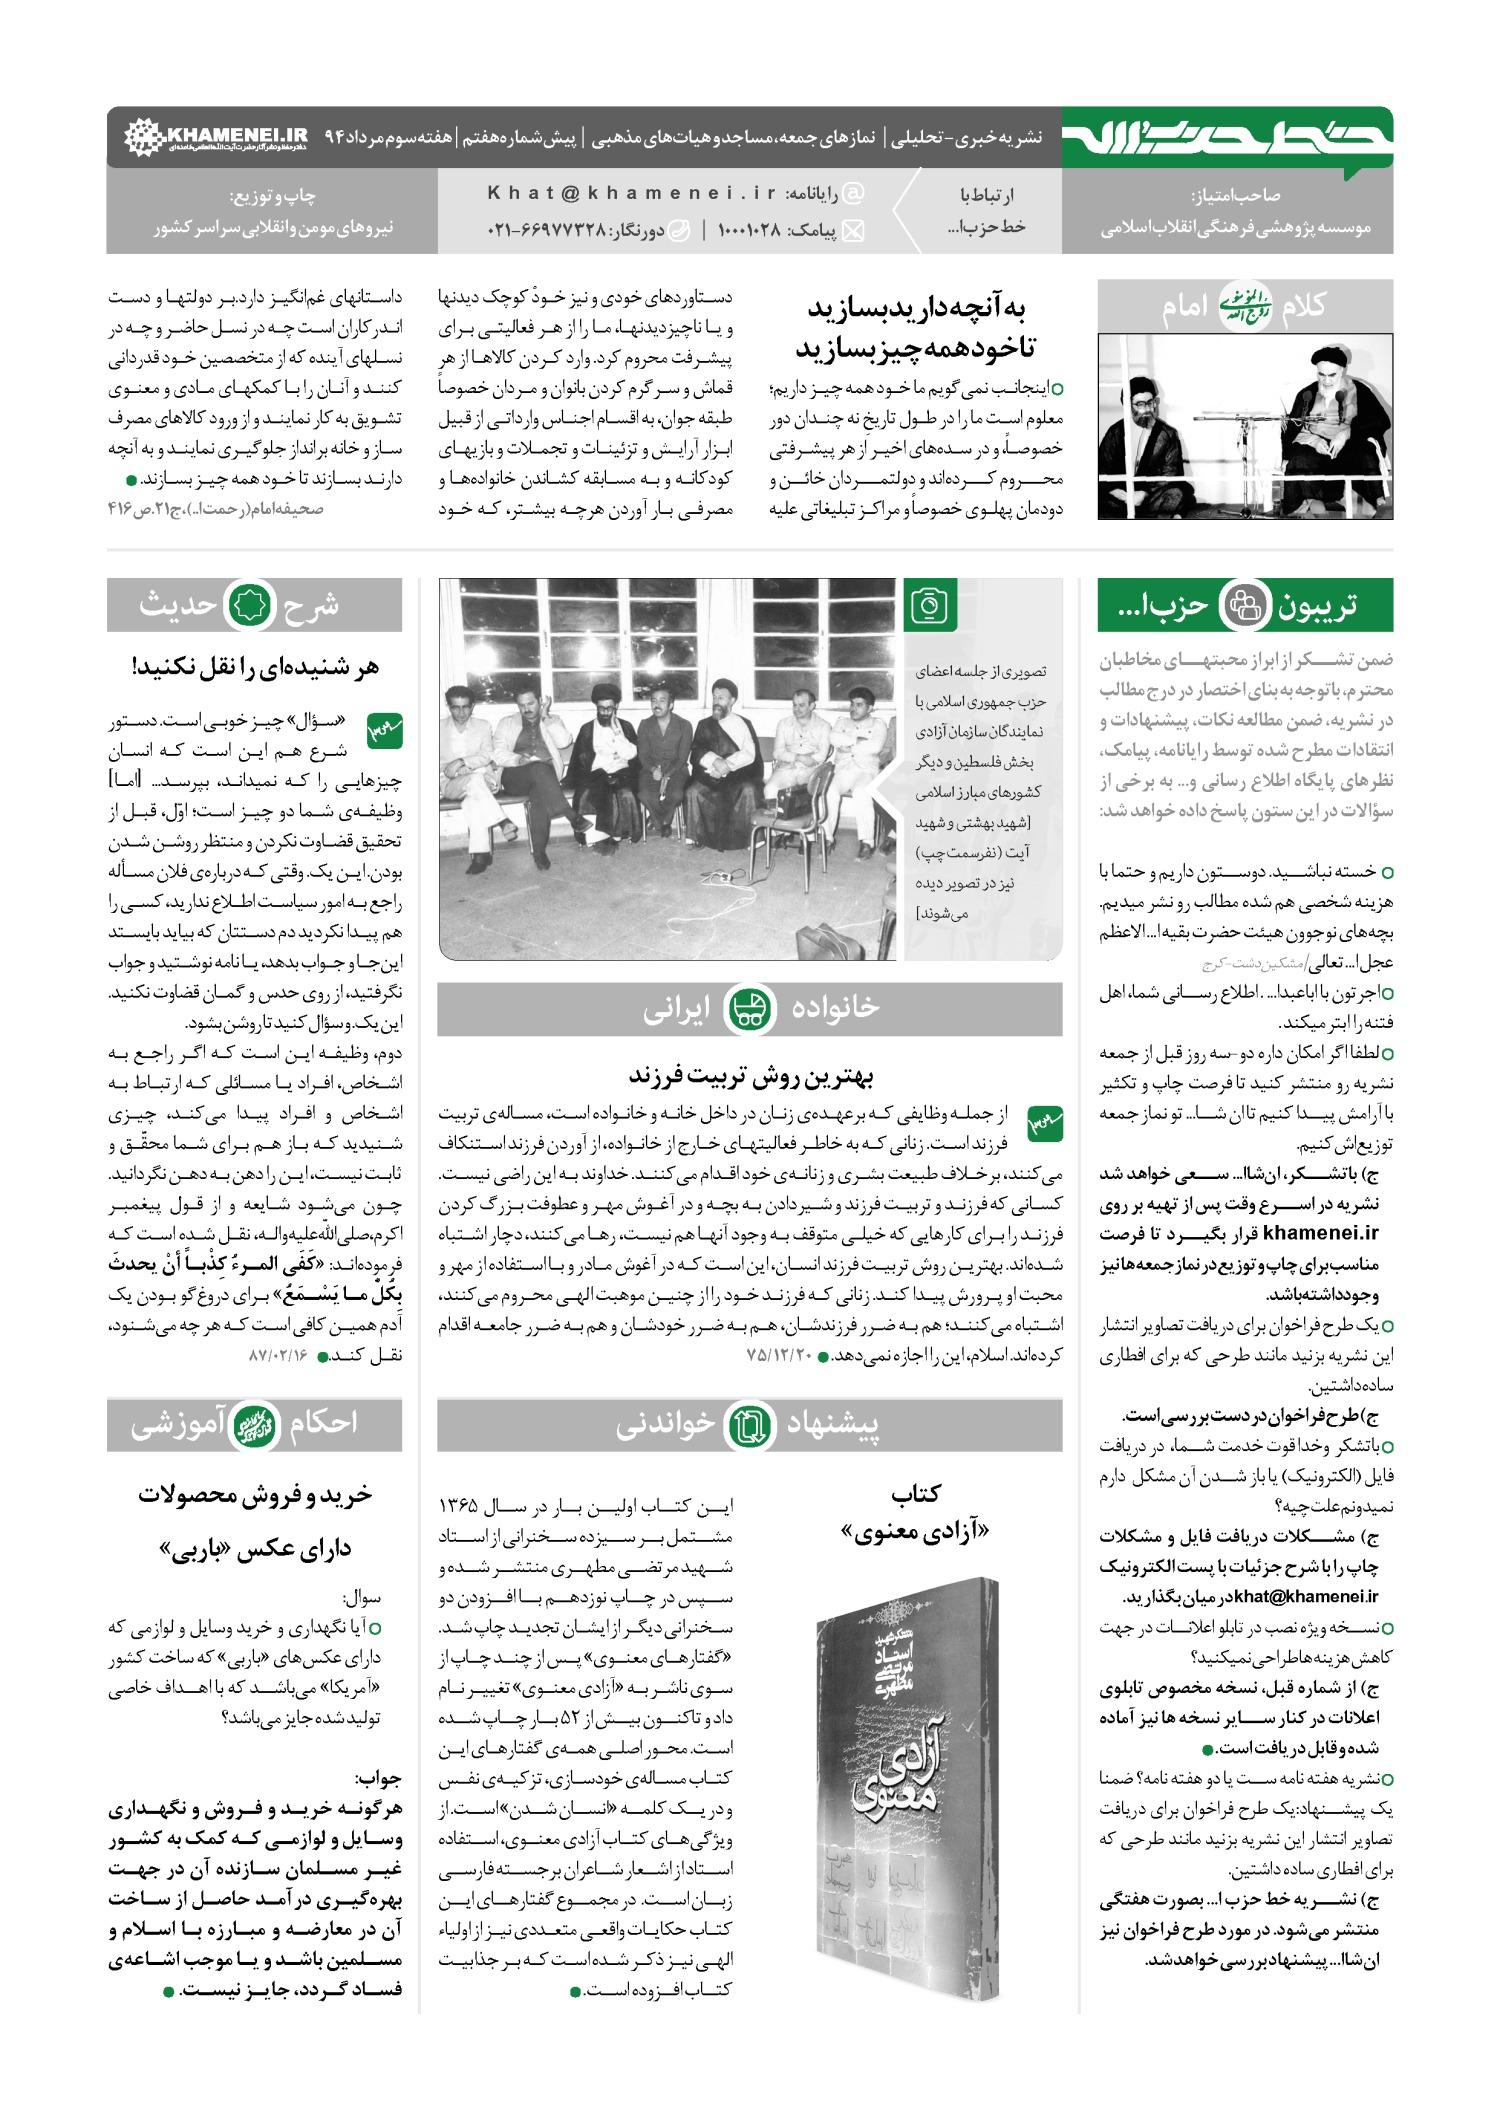 خط حزب الله -شماره پنجم خط حزب الله -پیش شماره هفتم page large 415